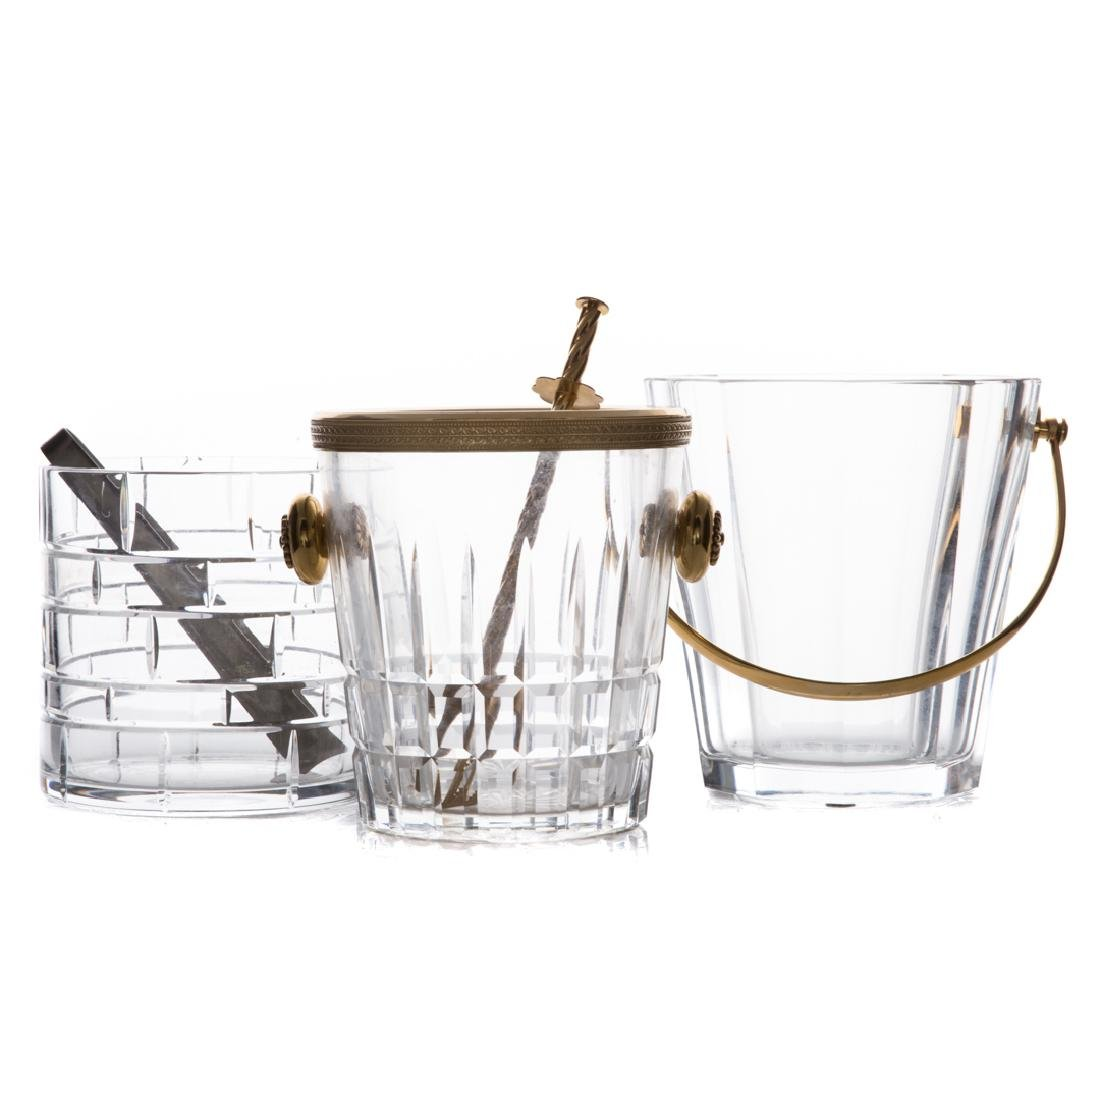 Three crystal ice buckets